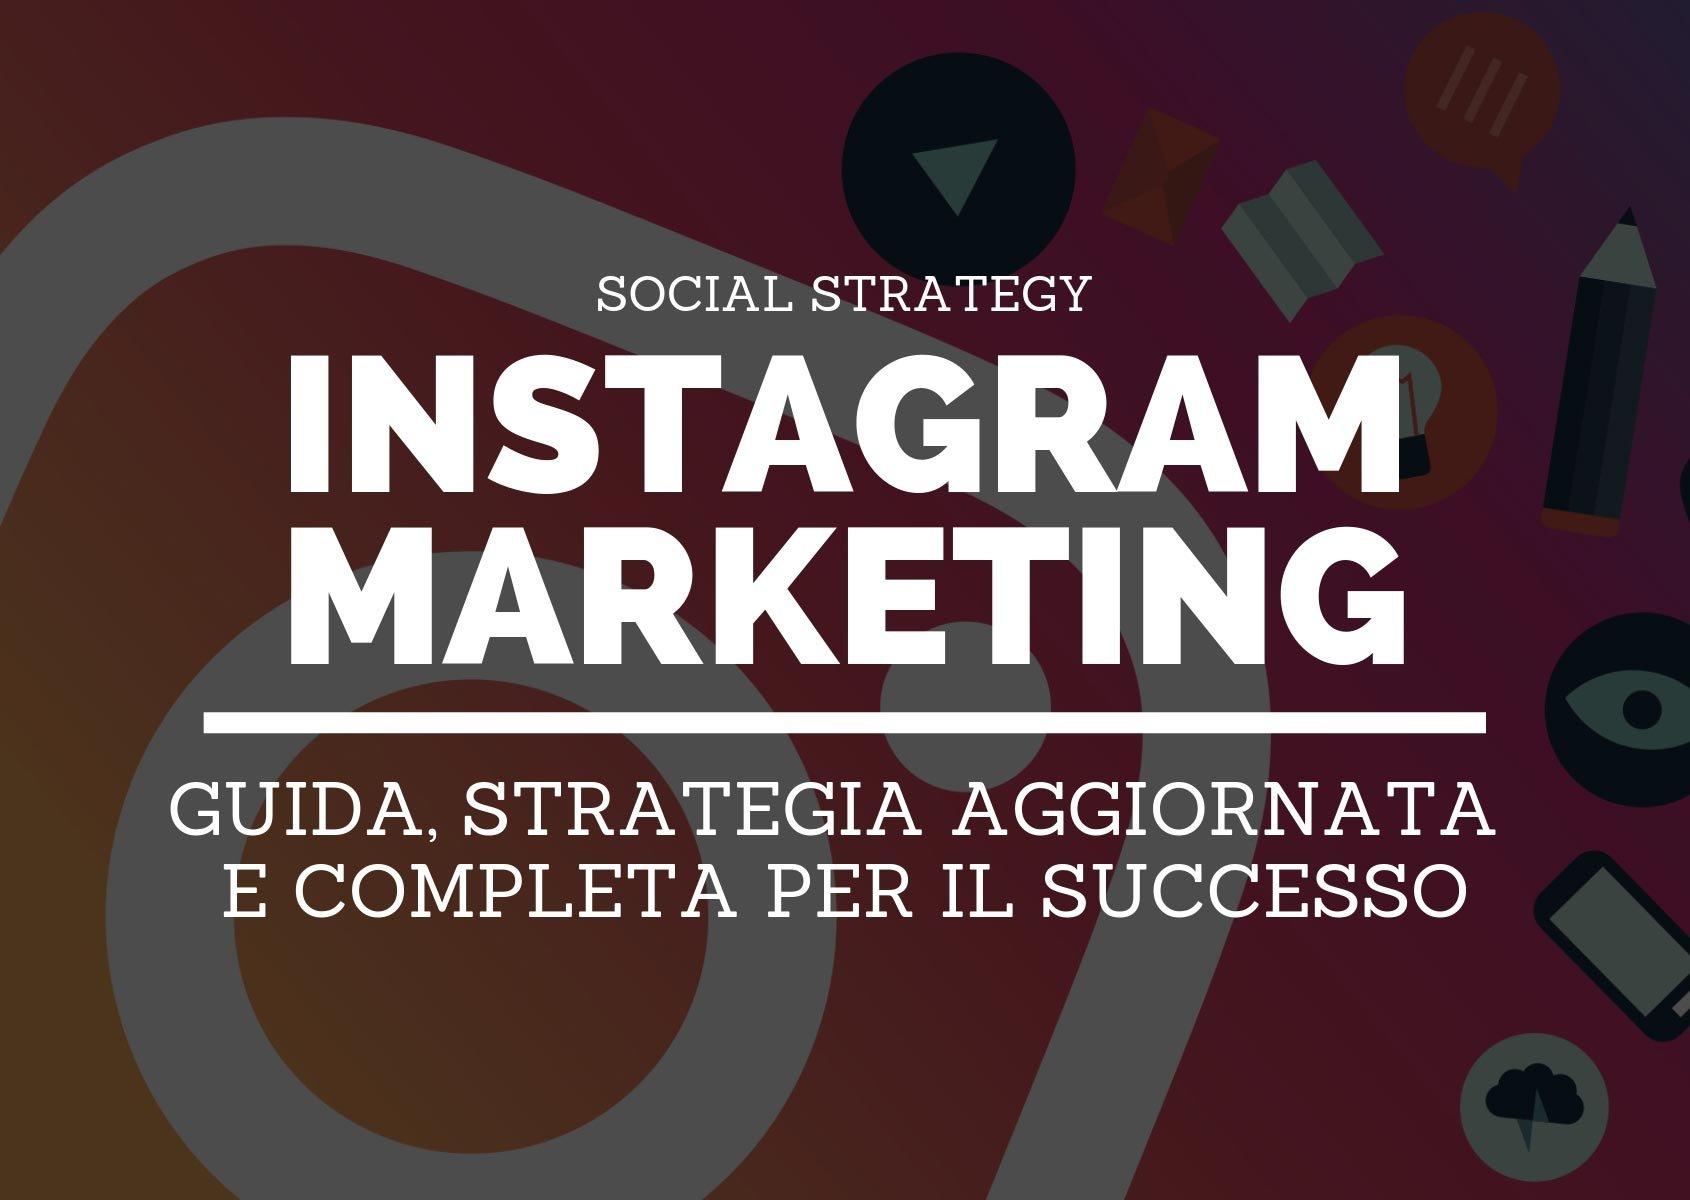 Instagram Marketing  guida e strategia completa per il successo cecdee53d53